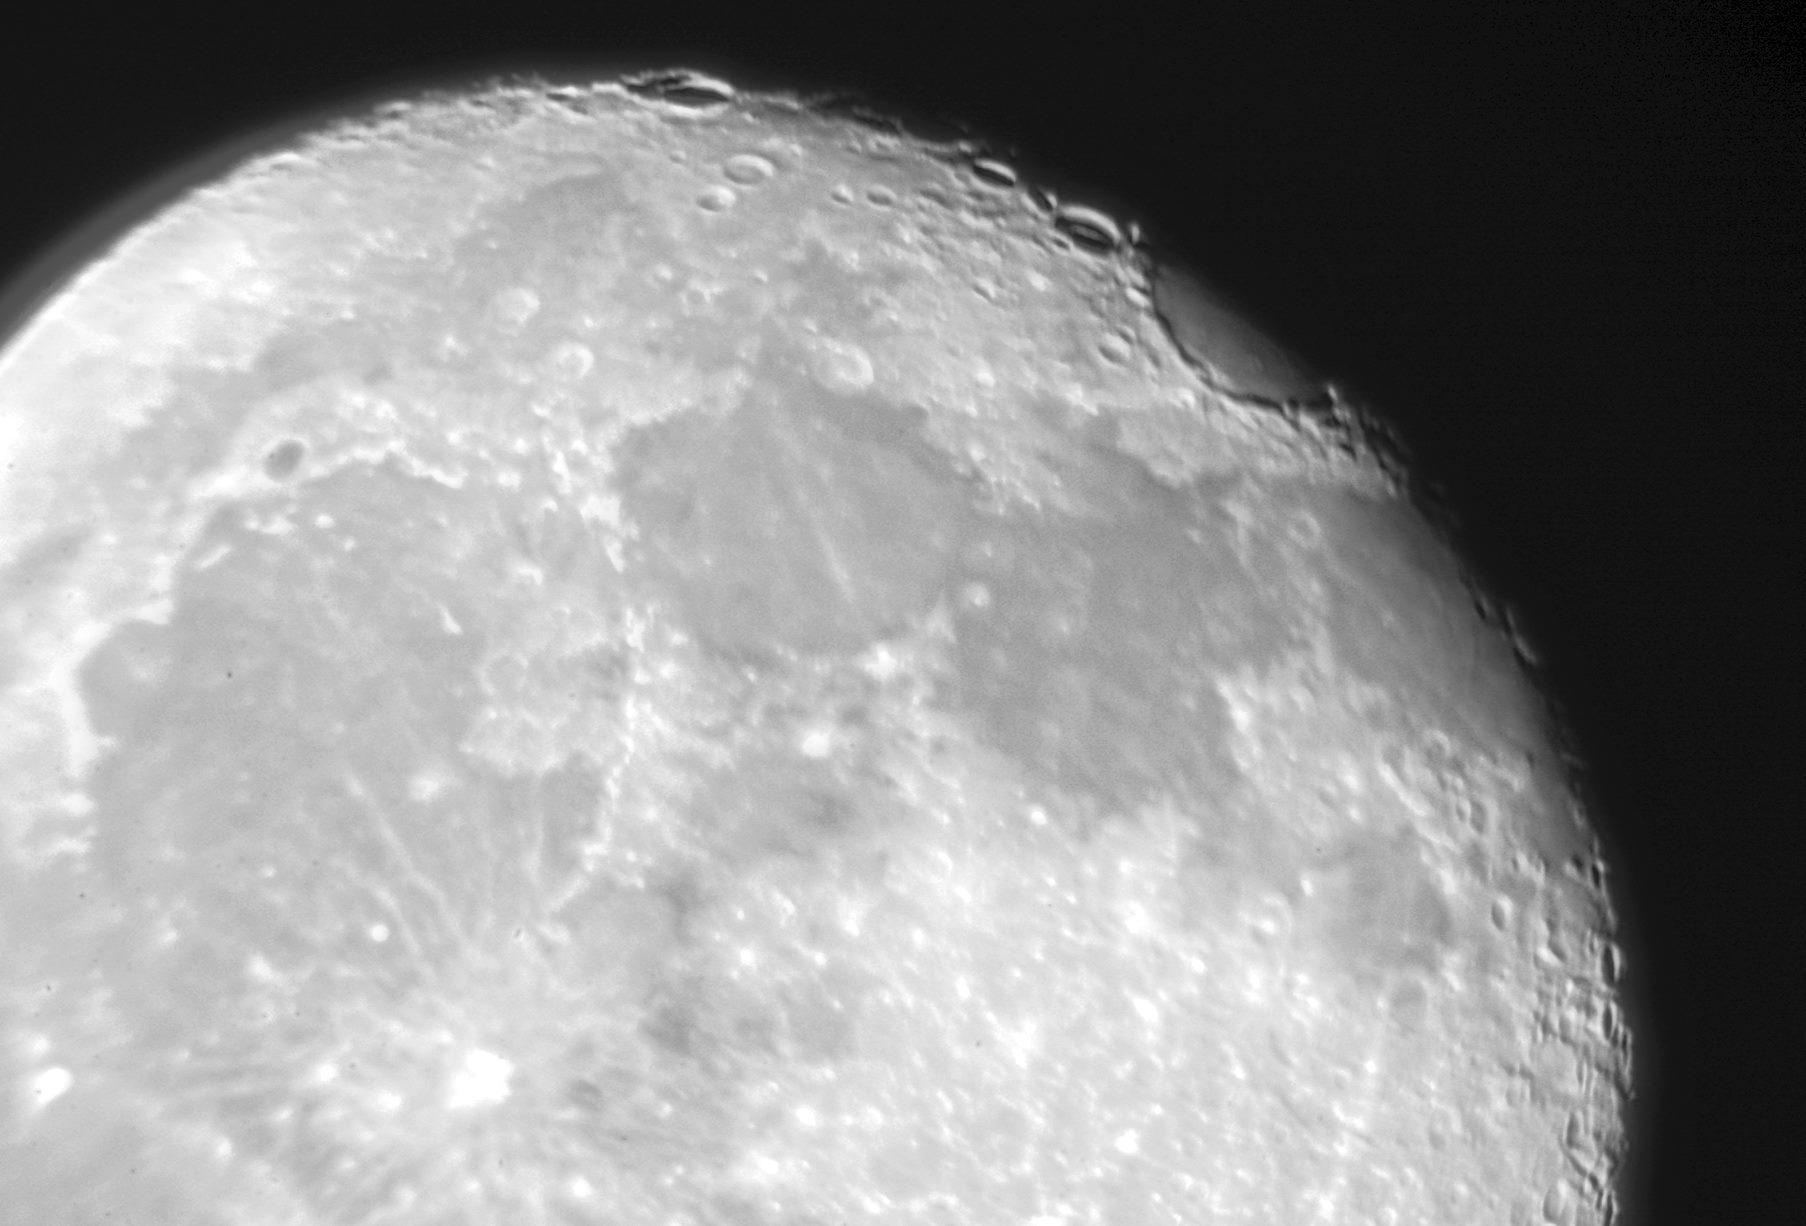 Je bekijkt nu Maan, wat ben je mooi